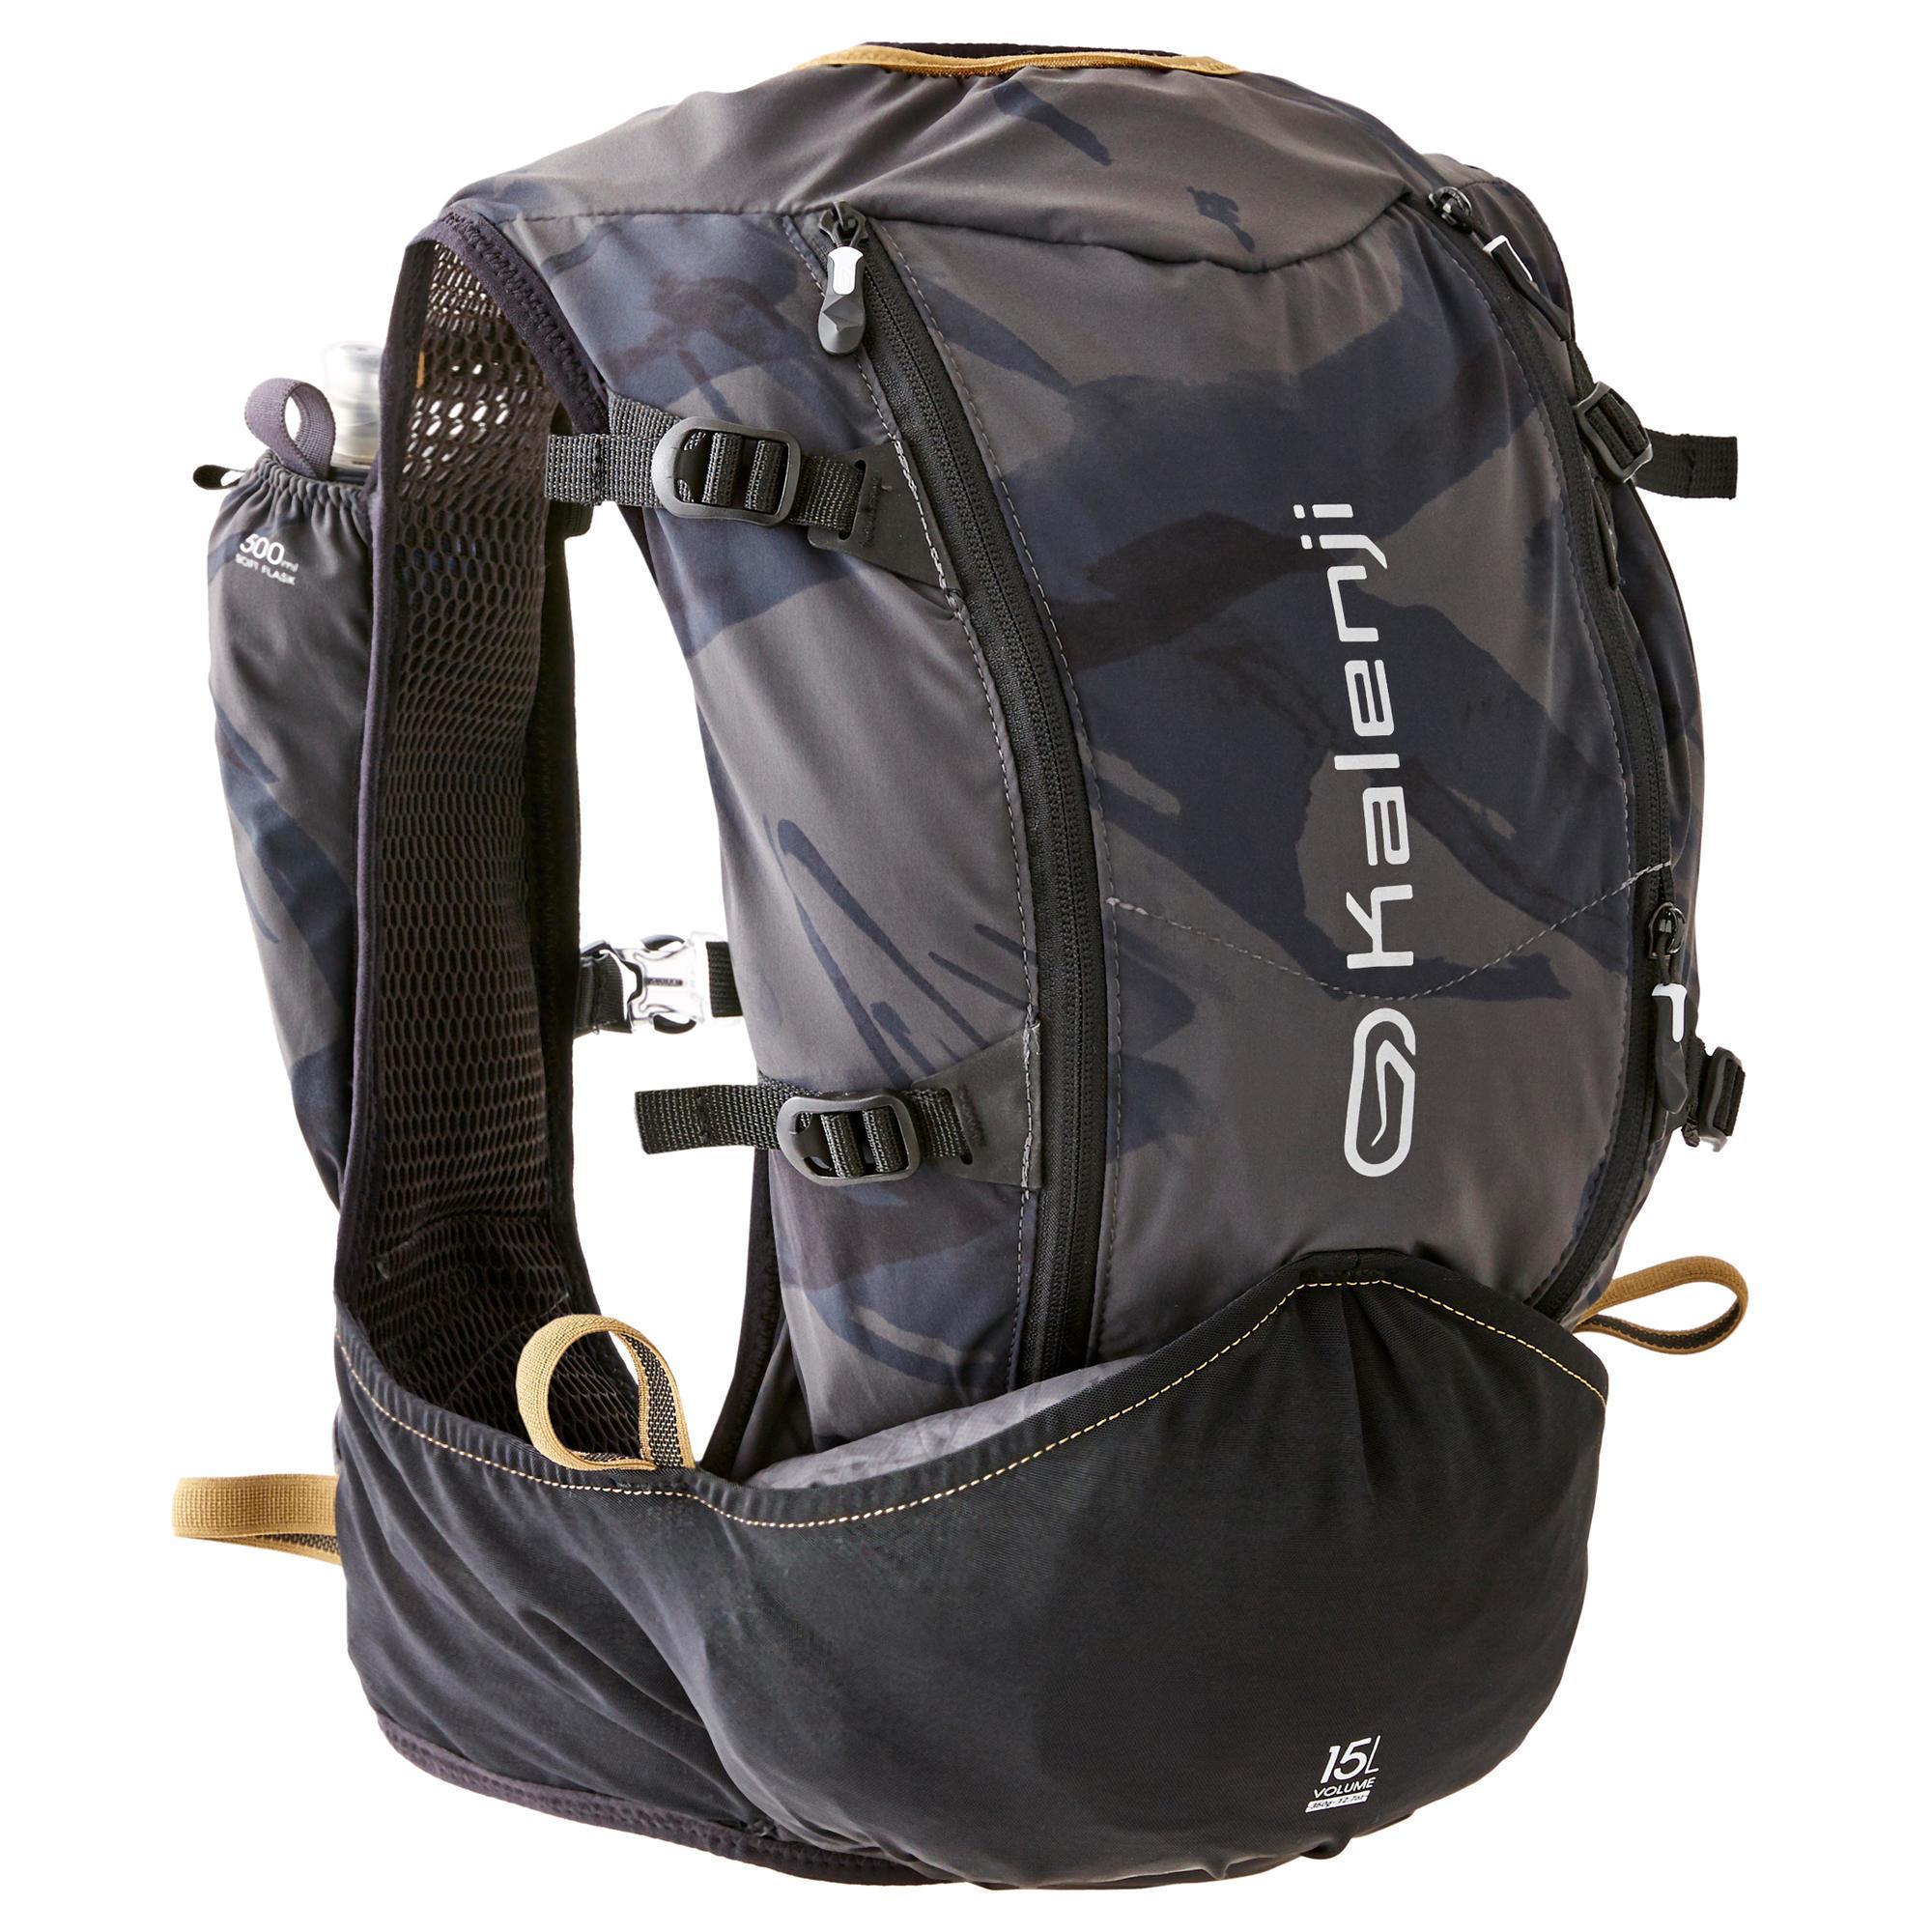 mejor sitio web profesional calidad de marca Comprar Mochilas de Hidratación para Trail Running | Decathlon